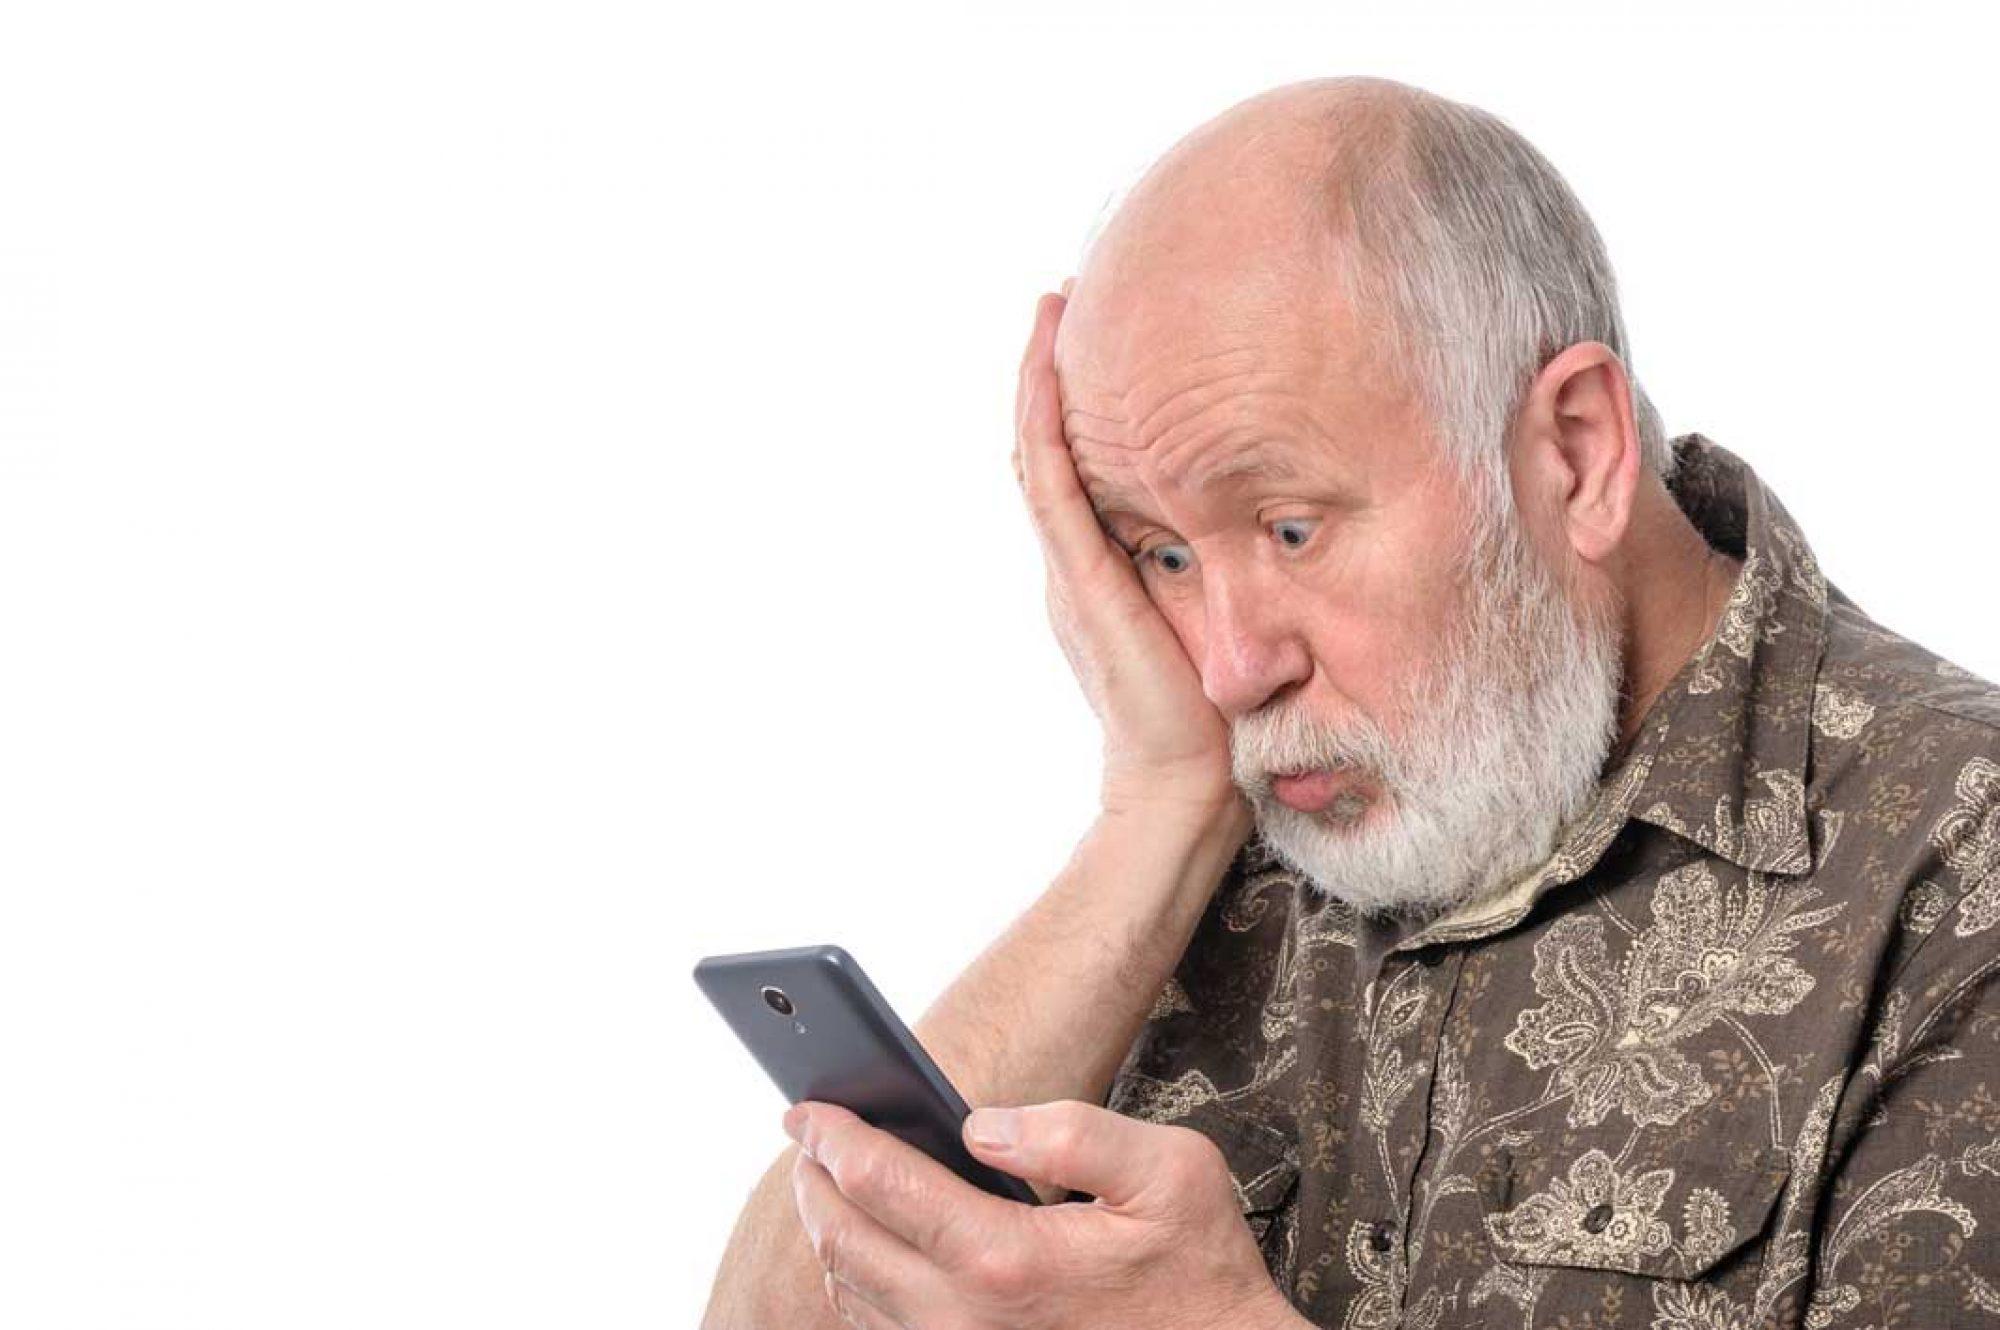 Senioren können auch Handy